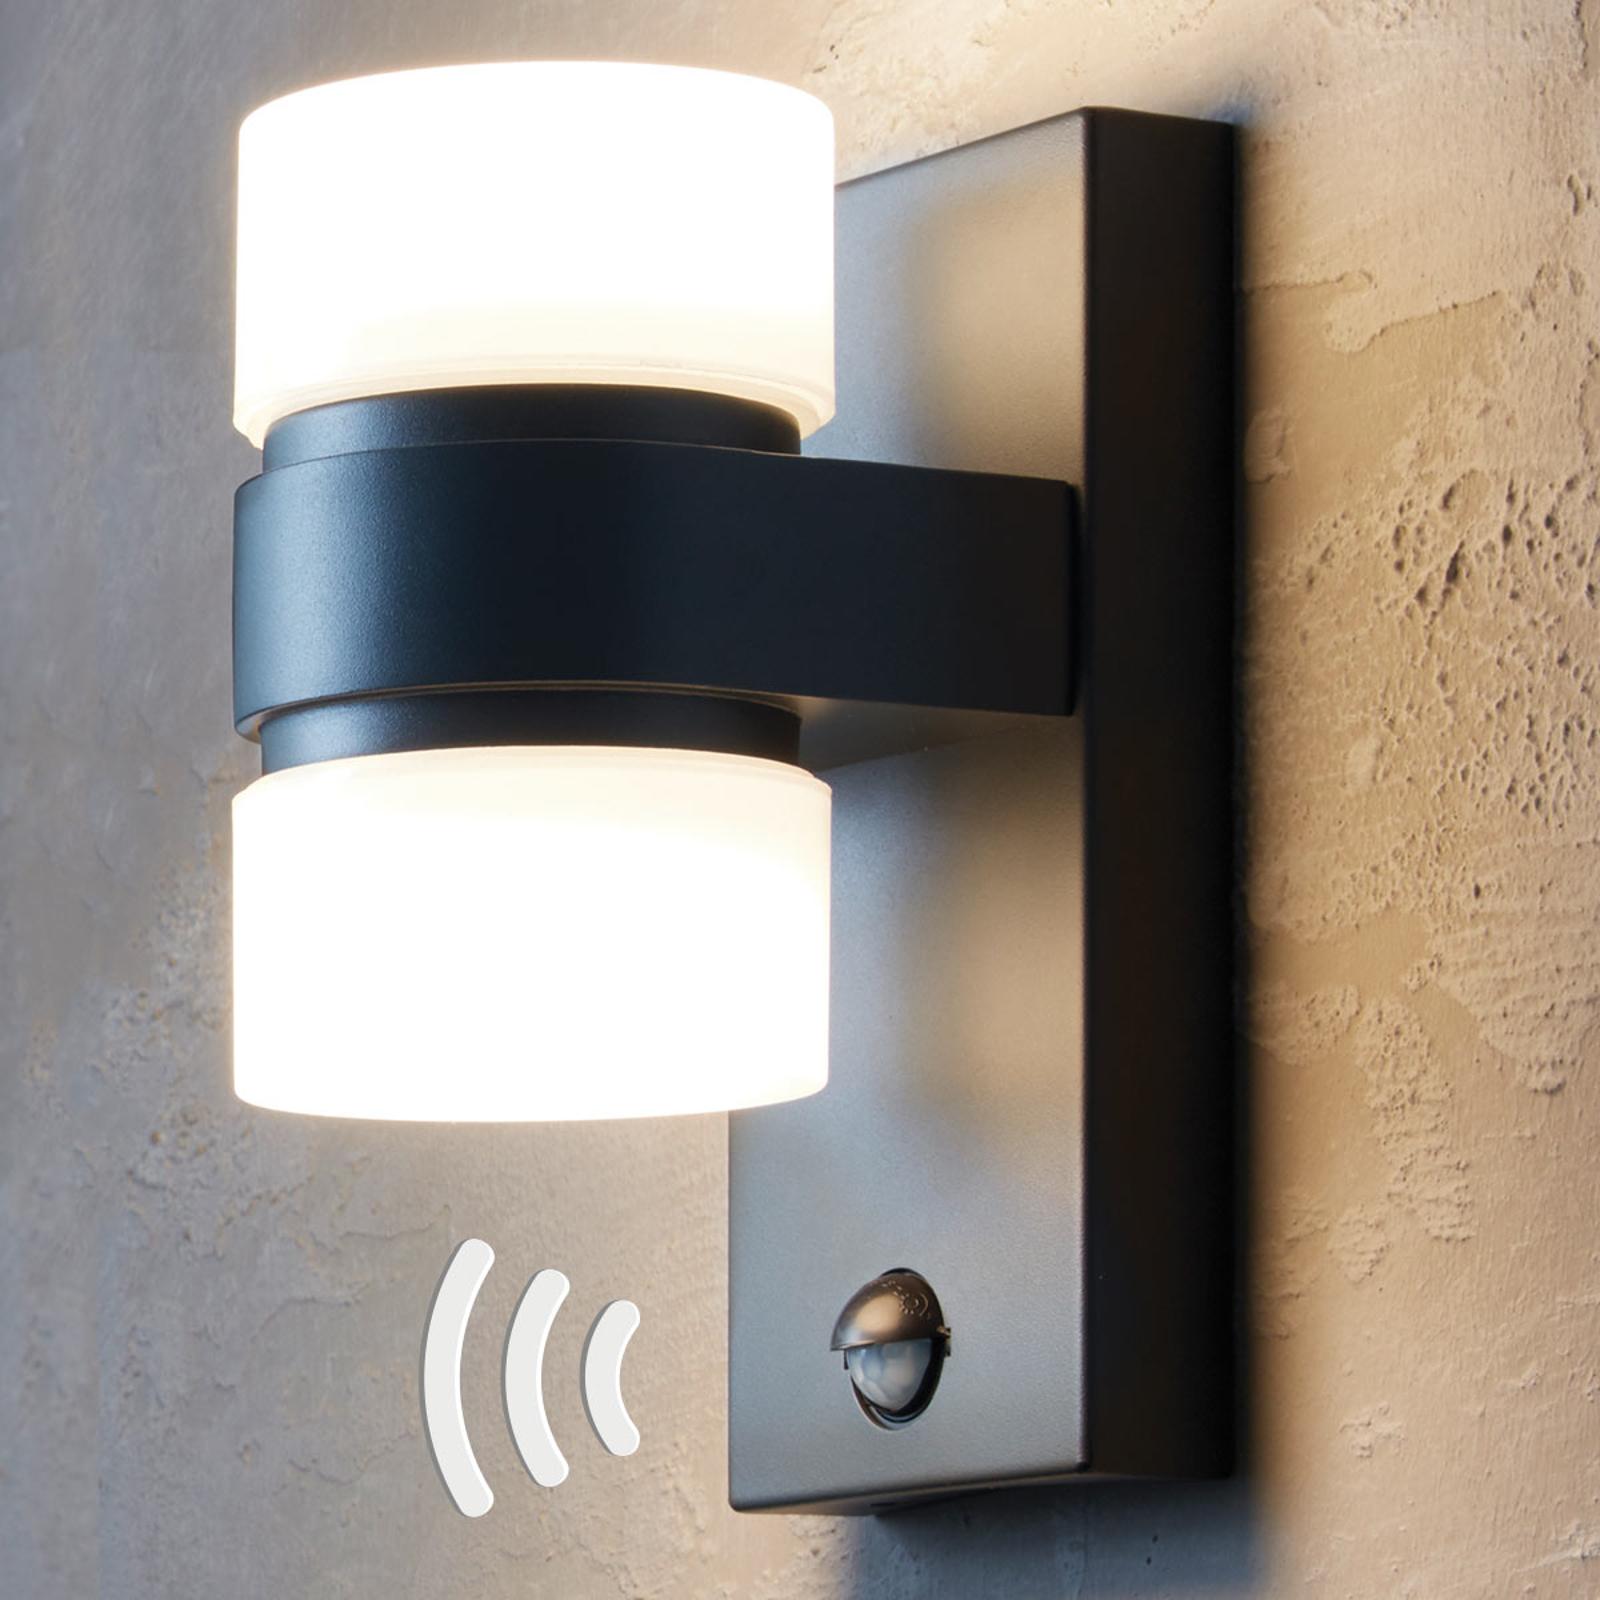 LED buitenwandlamp Atollari met bewegingsmelder